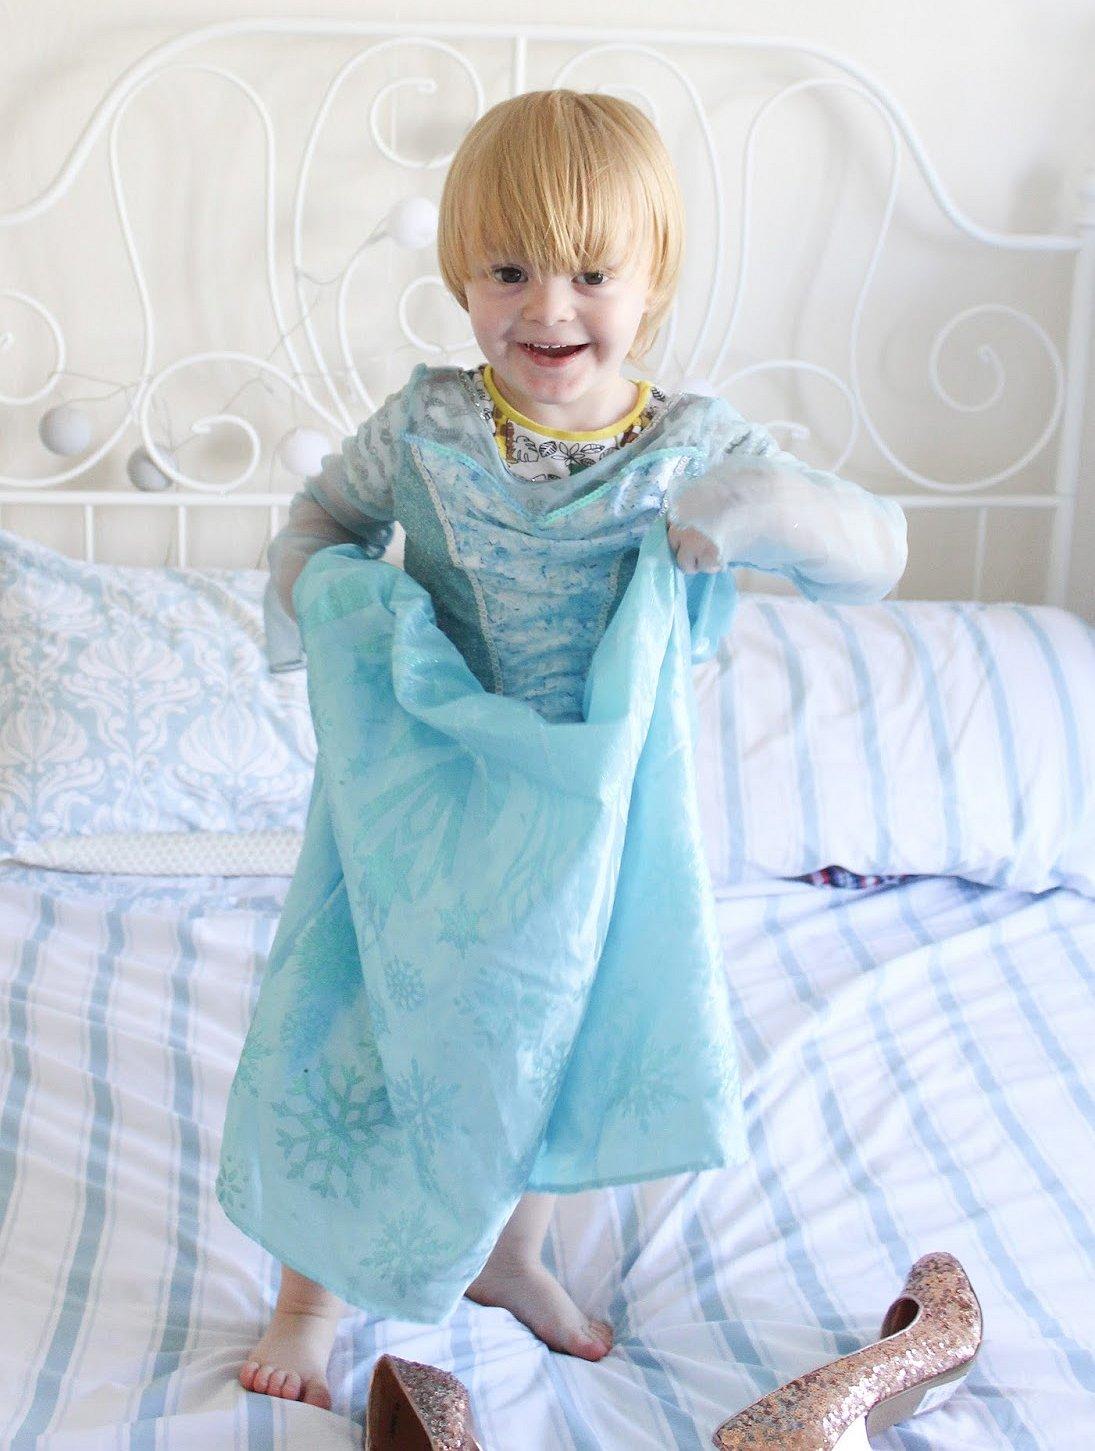 Kinderkleding HEMA vanaf eind dit jaar genderneutraal